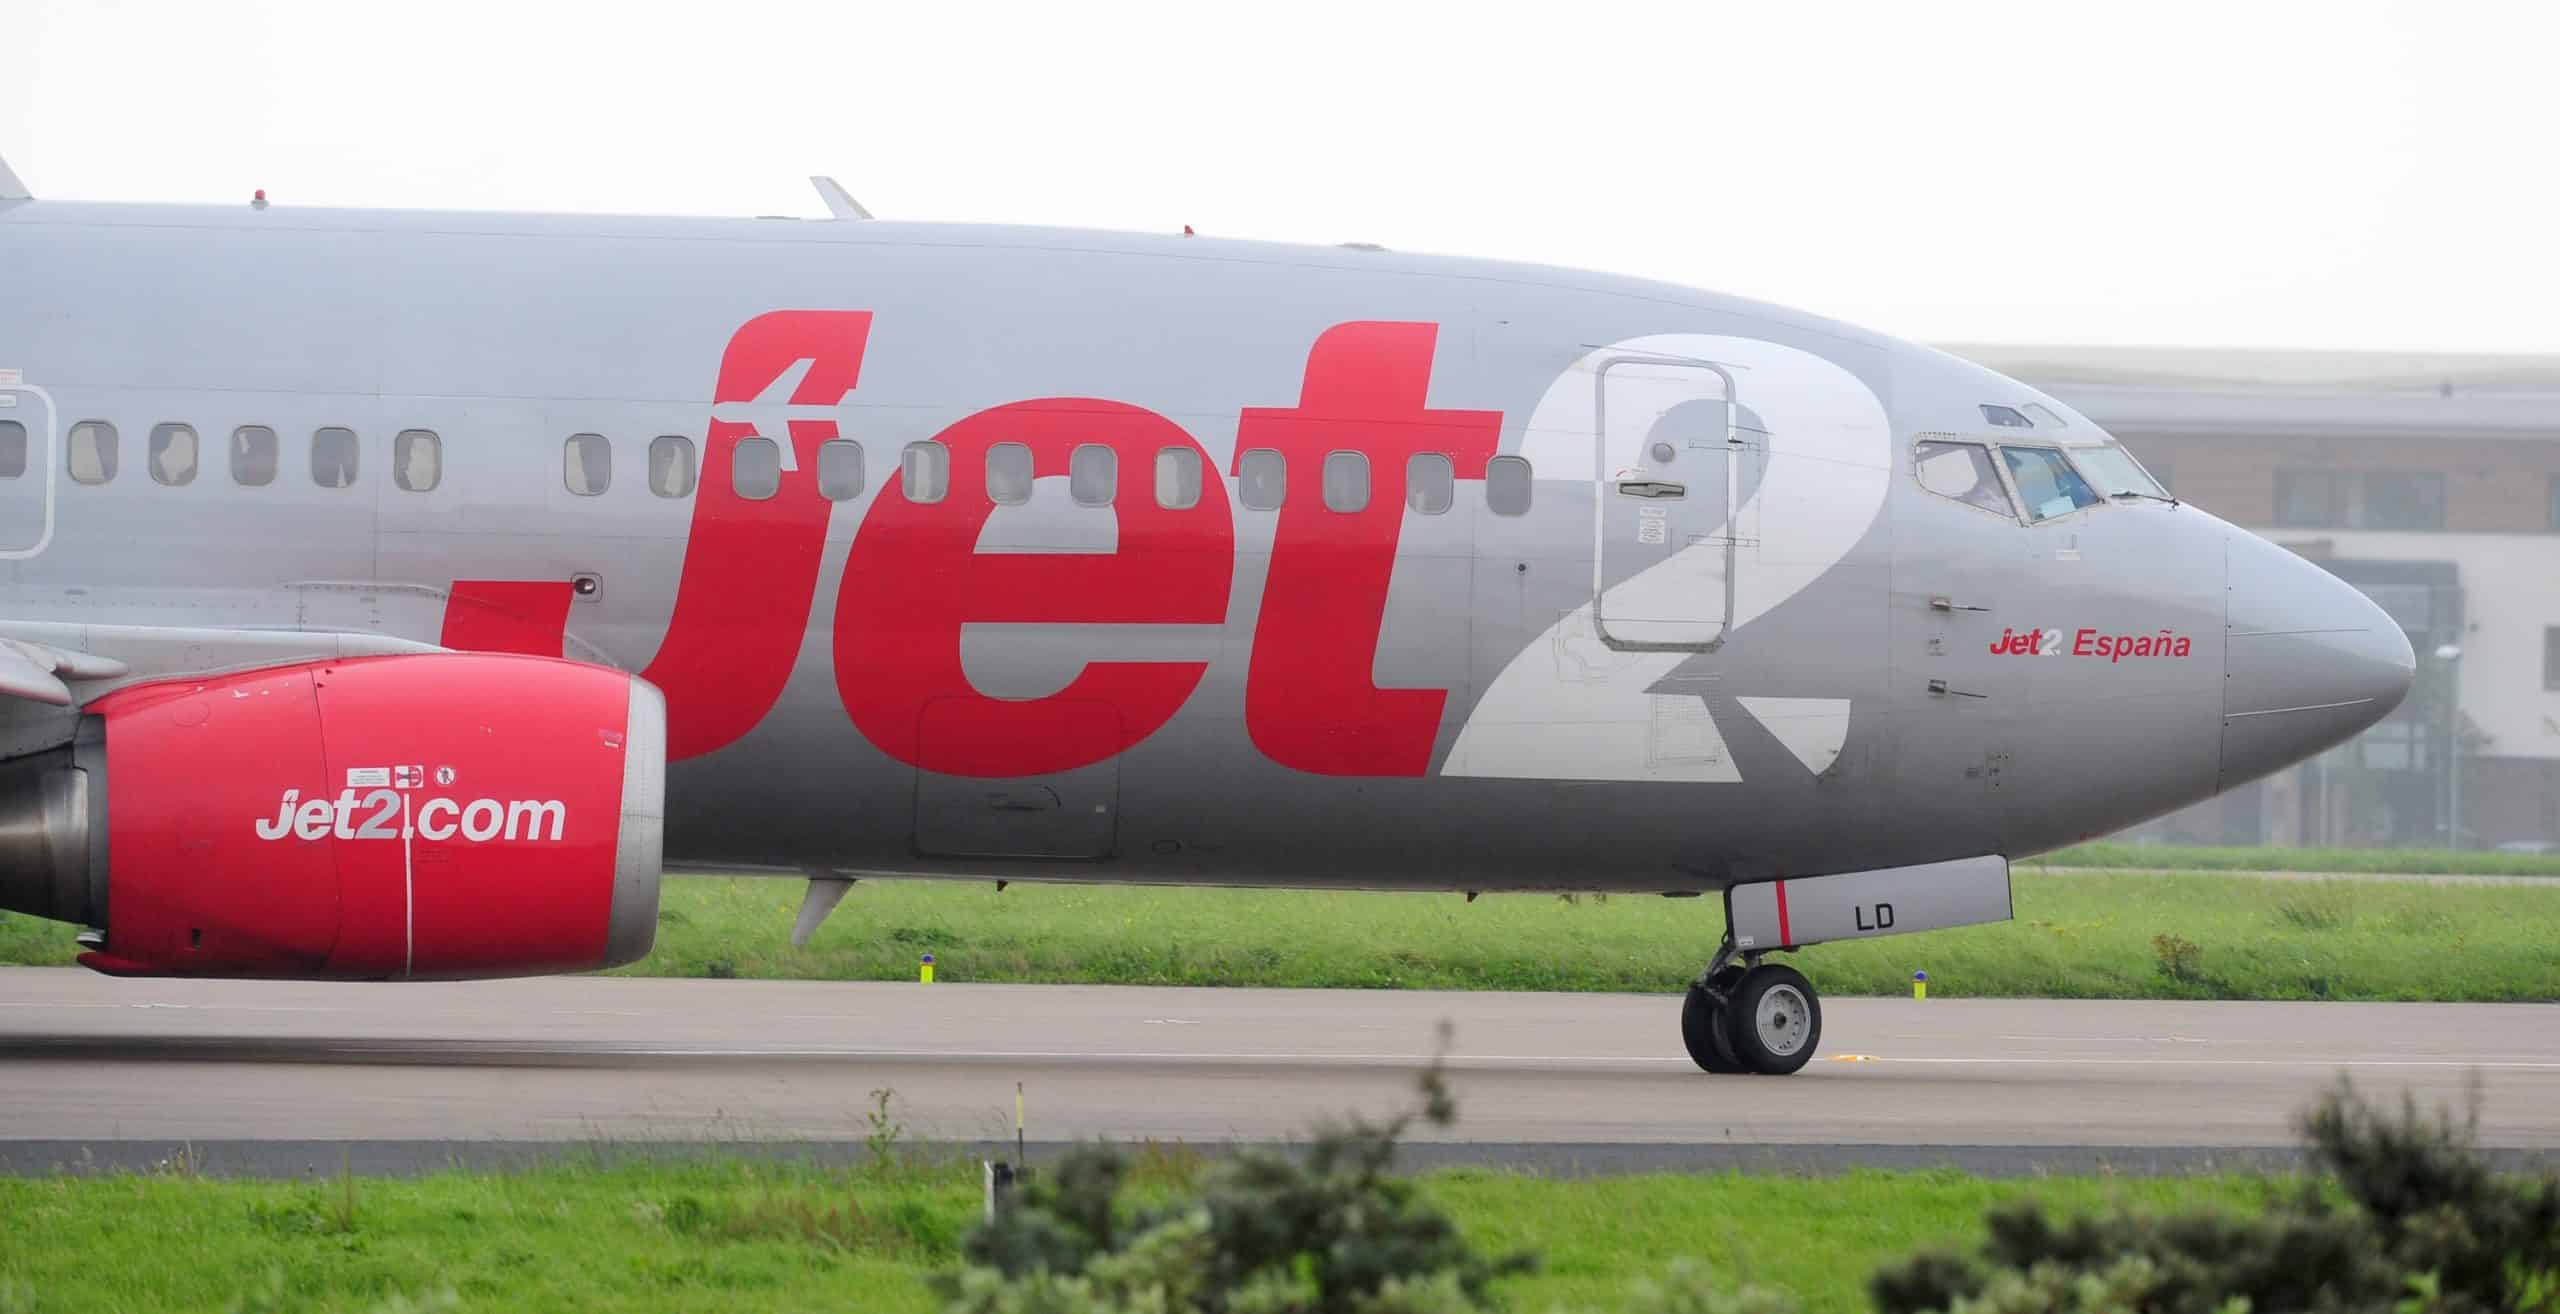 Several UK planes turn MID-FLIGHT as Spain declares state of emergency